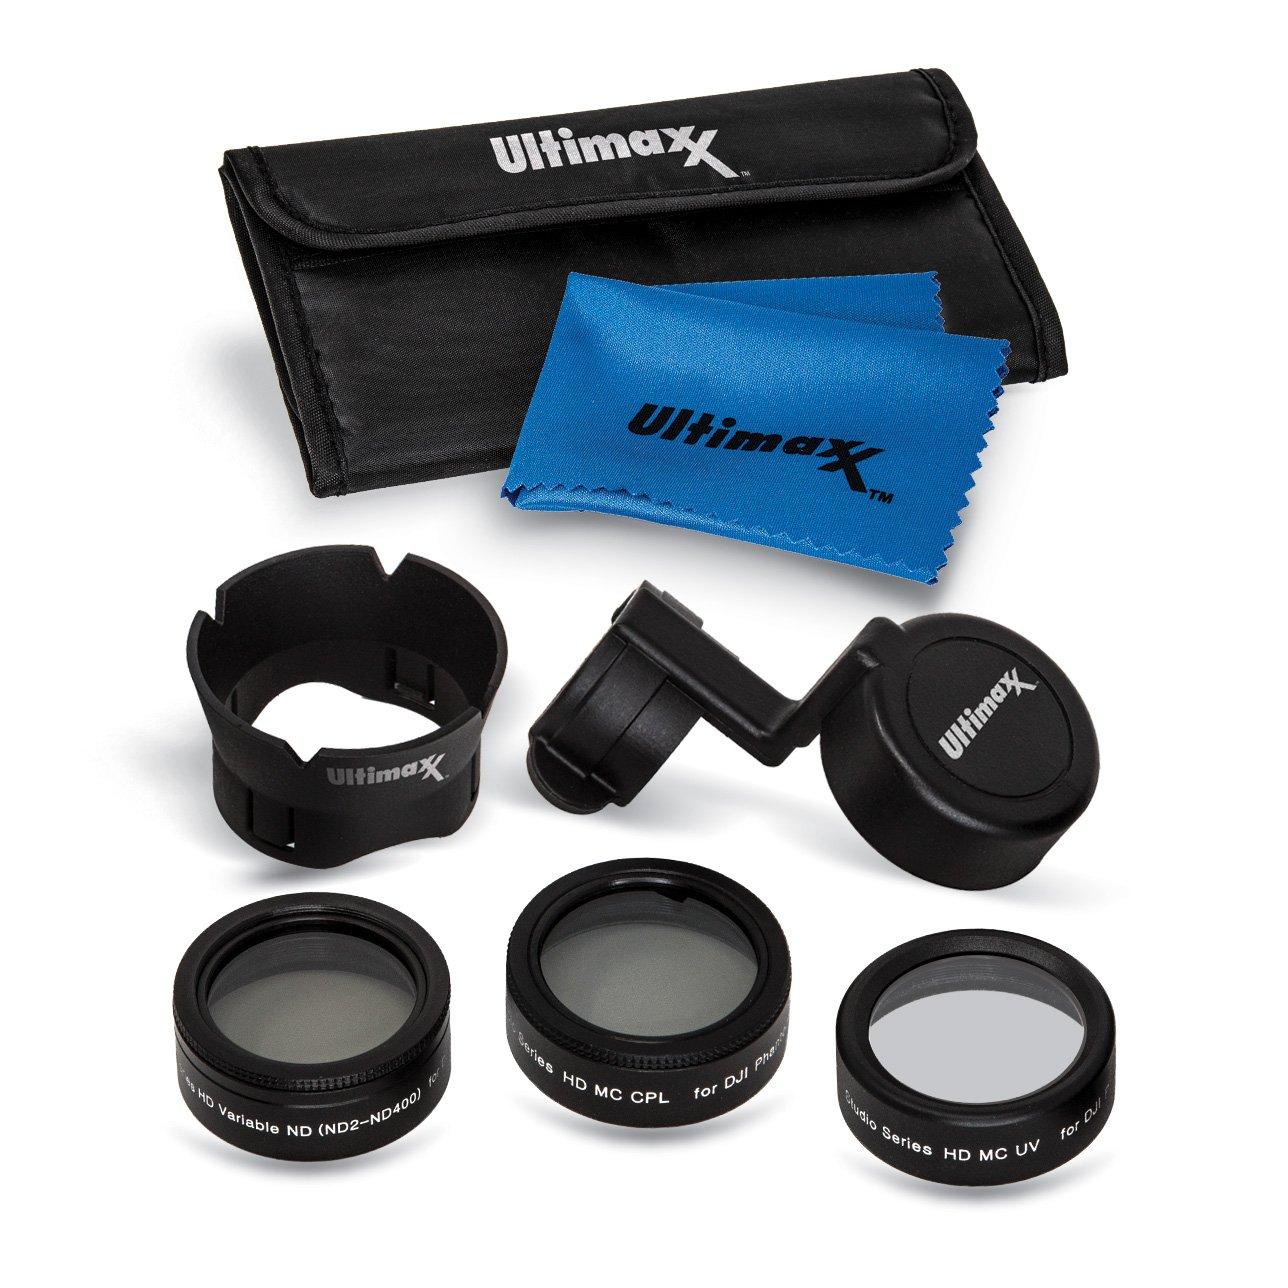 Ultimaxx 7 Pieceドローンカメラフィルタバンドルキットfor DJI Phantom 4 Pro、Phantom 4 Pro +とPhantom 4 AdvanceクアッドコプターW/フィルタ、レンズフード、ジンバルスタビライザー、Carryケース   B07B31T6TJ